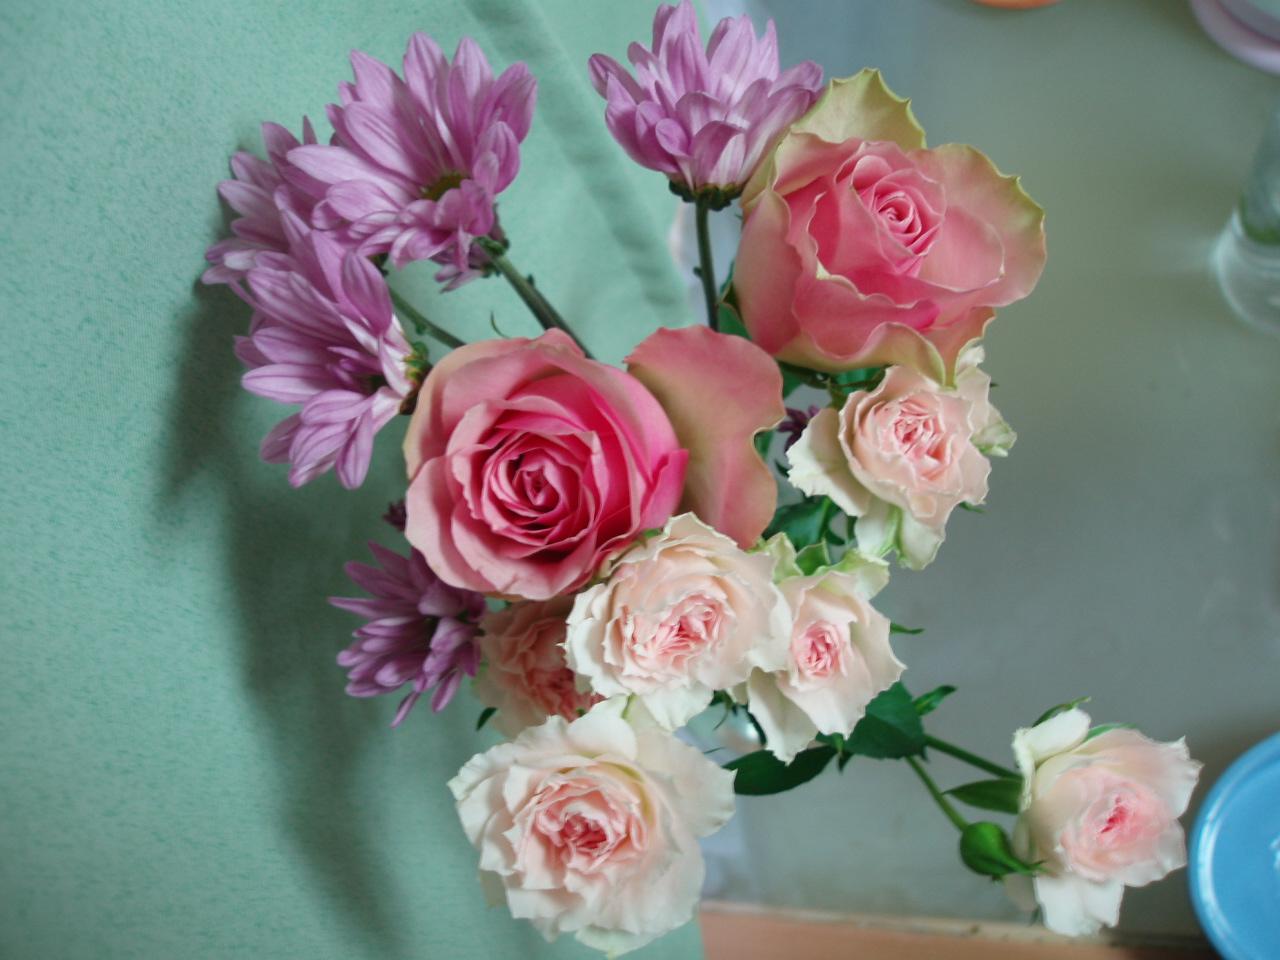 花!花!花!お花の衝動買い??_b0137453_22221765.jpg